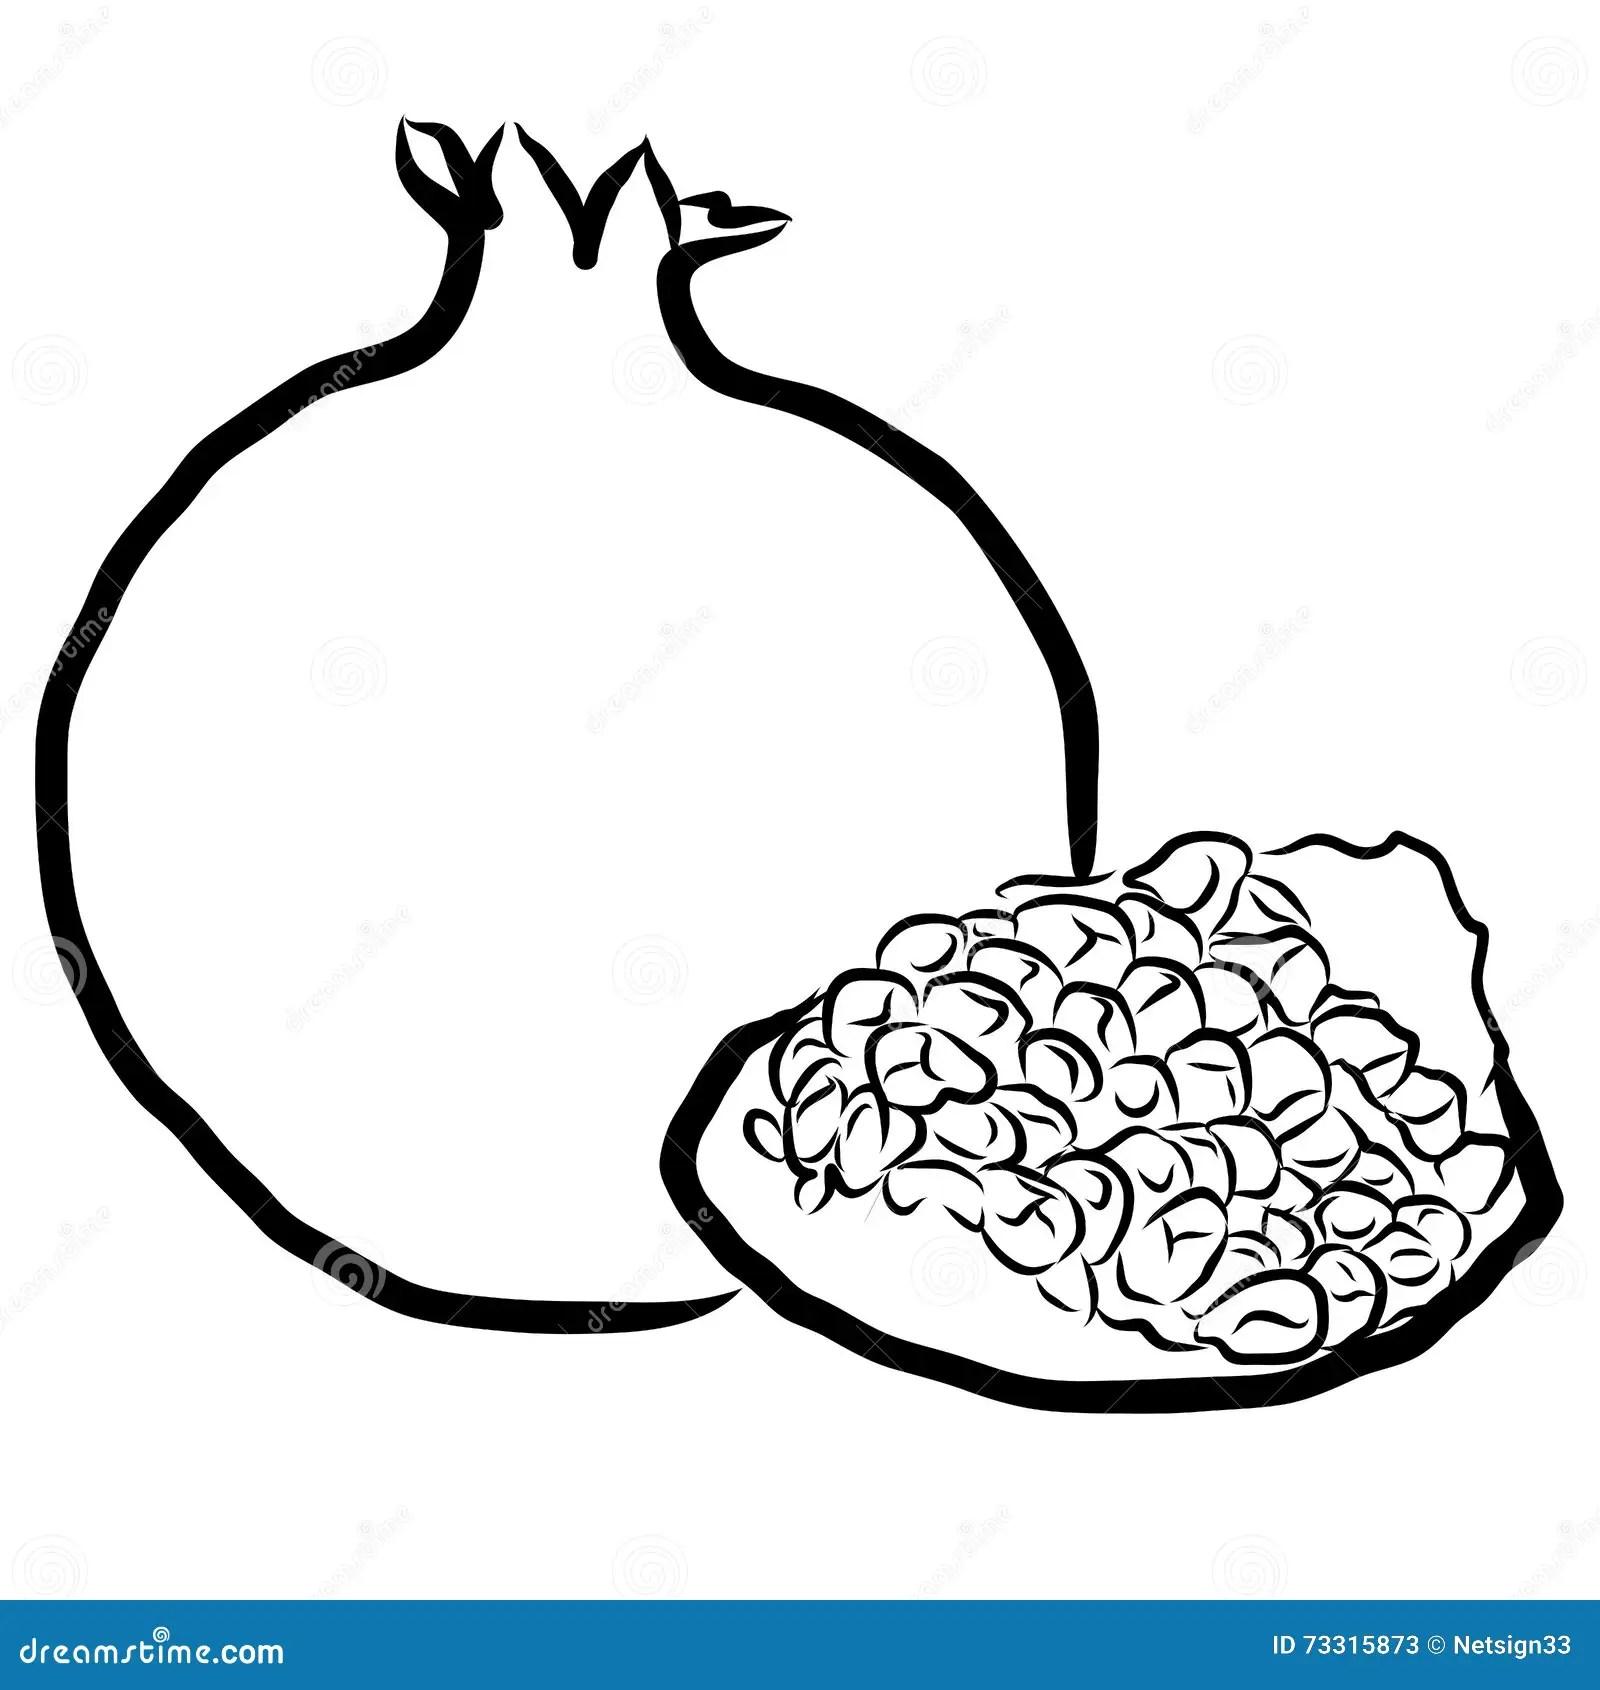 Pomegranate Sketched Outline Vector Illustration Stock